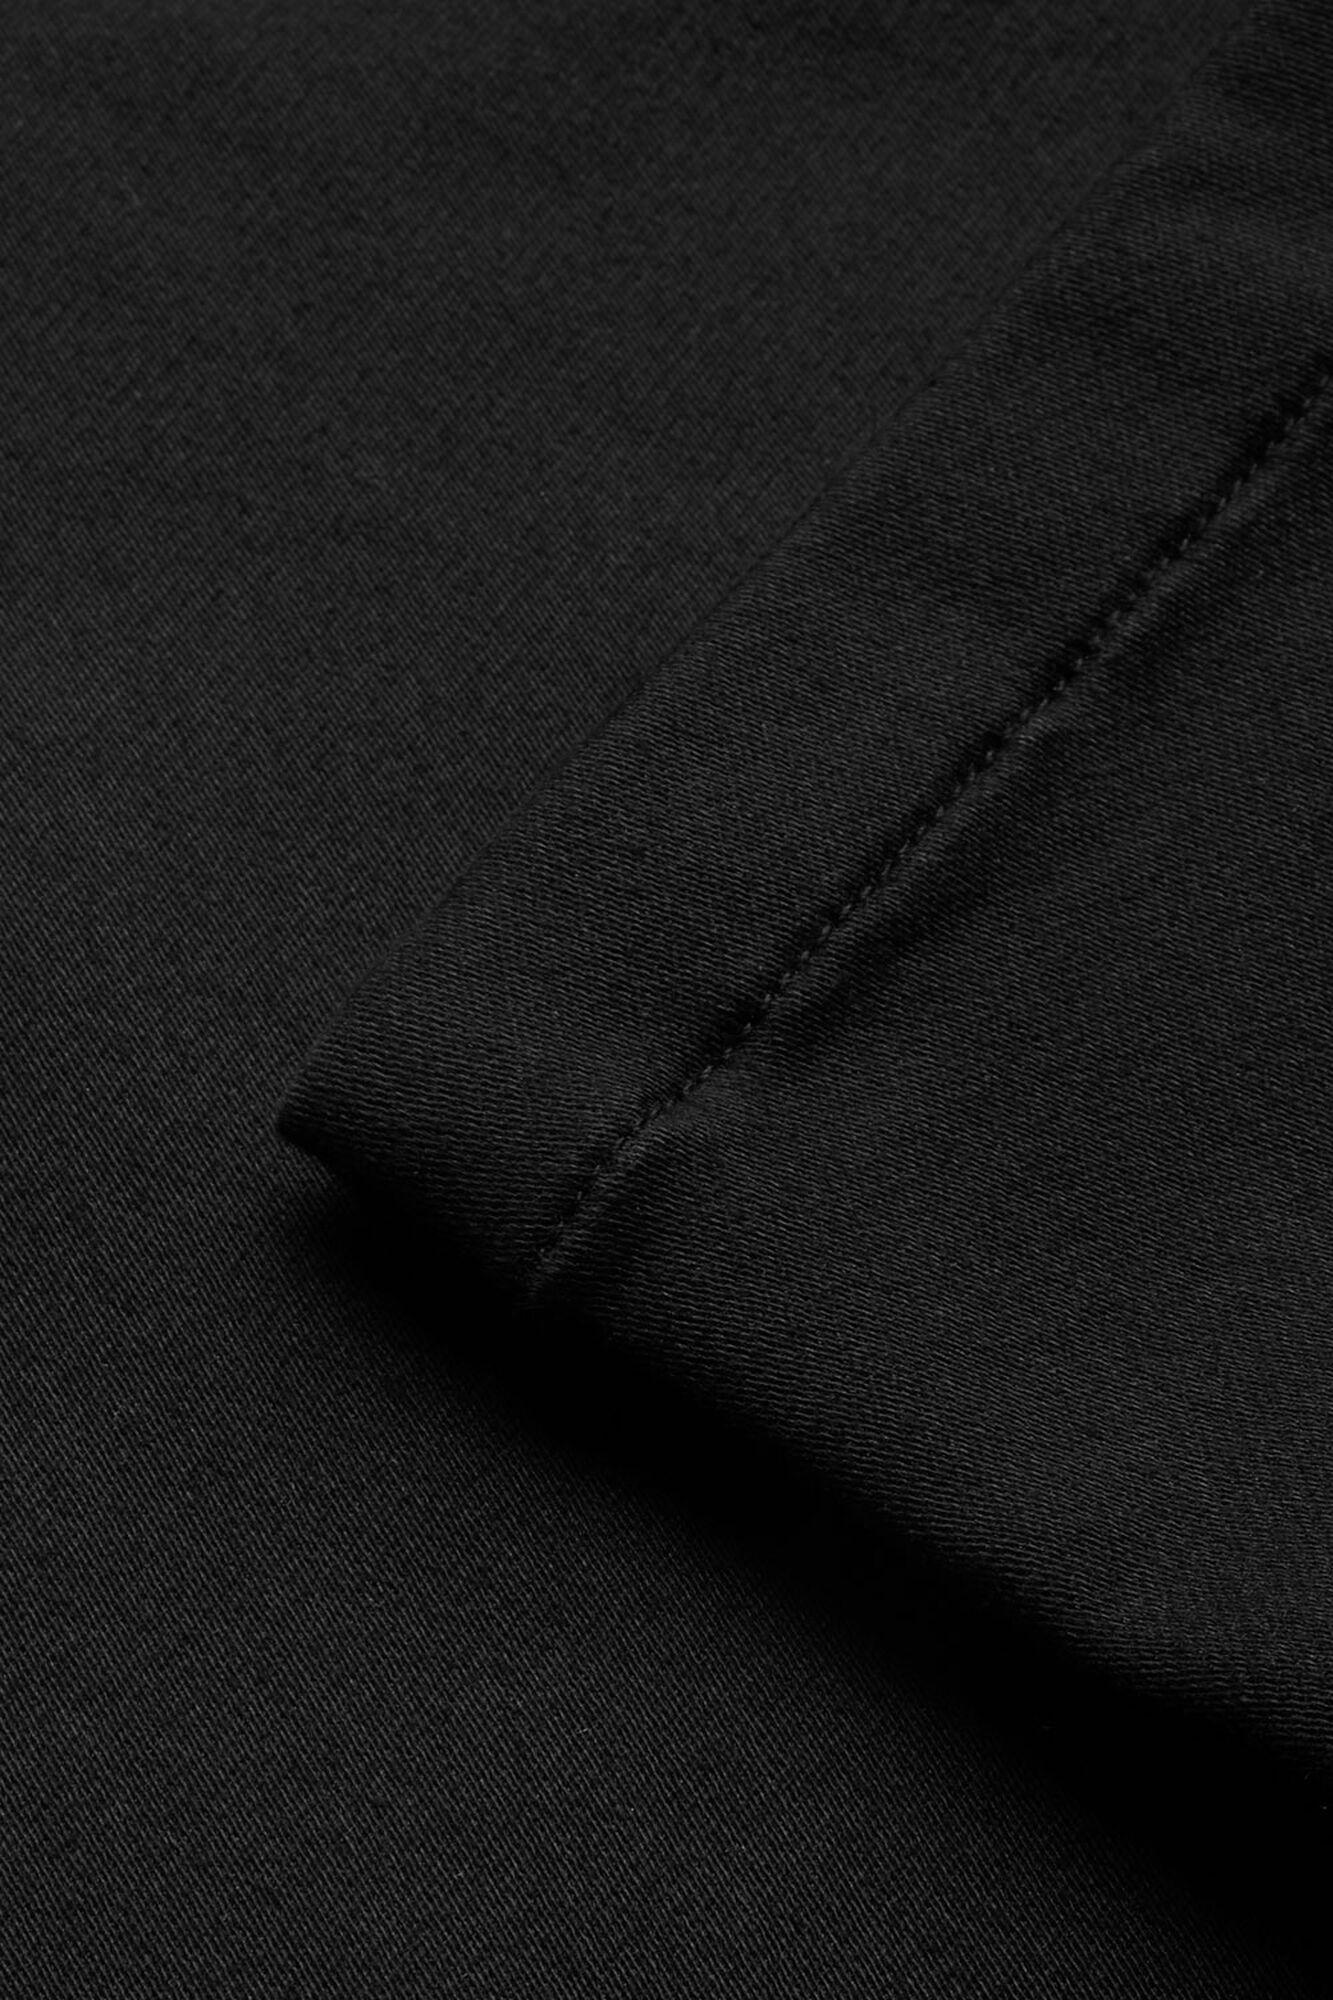 PANDIE BYXOR, BLACK, hi-res